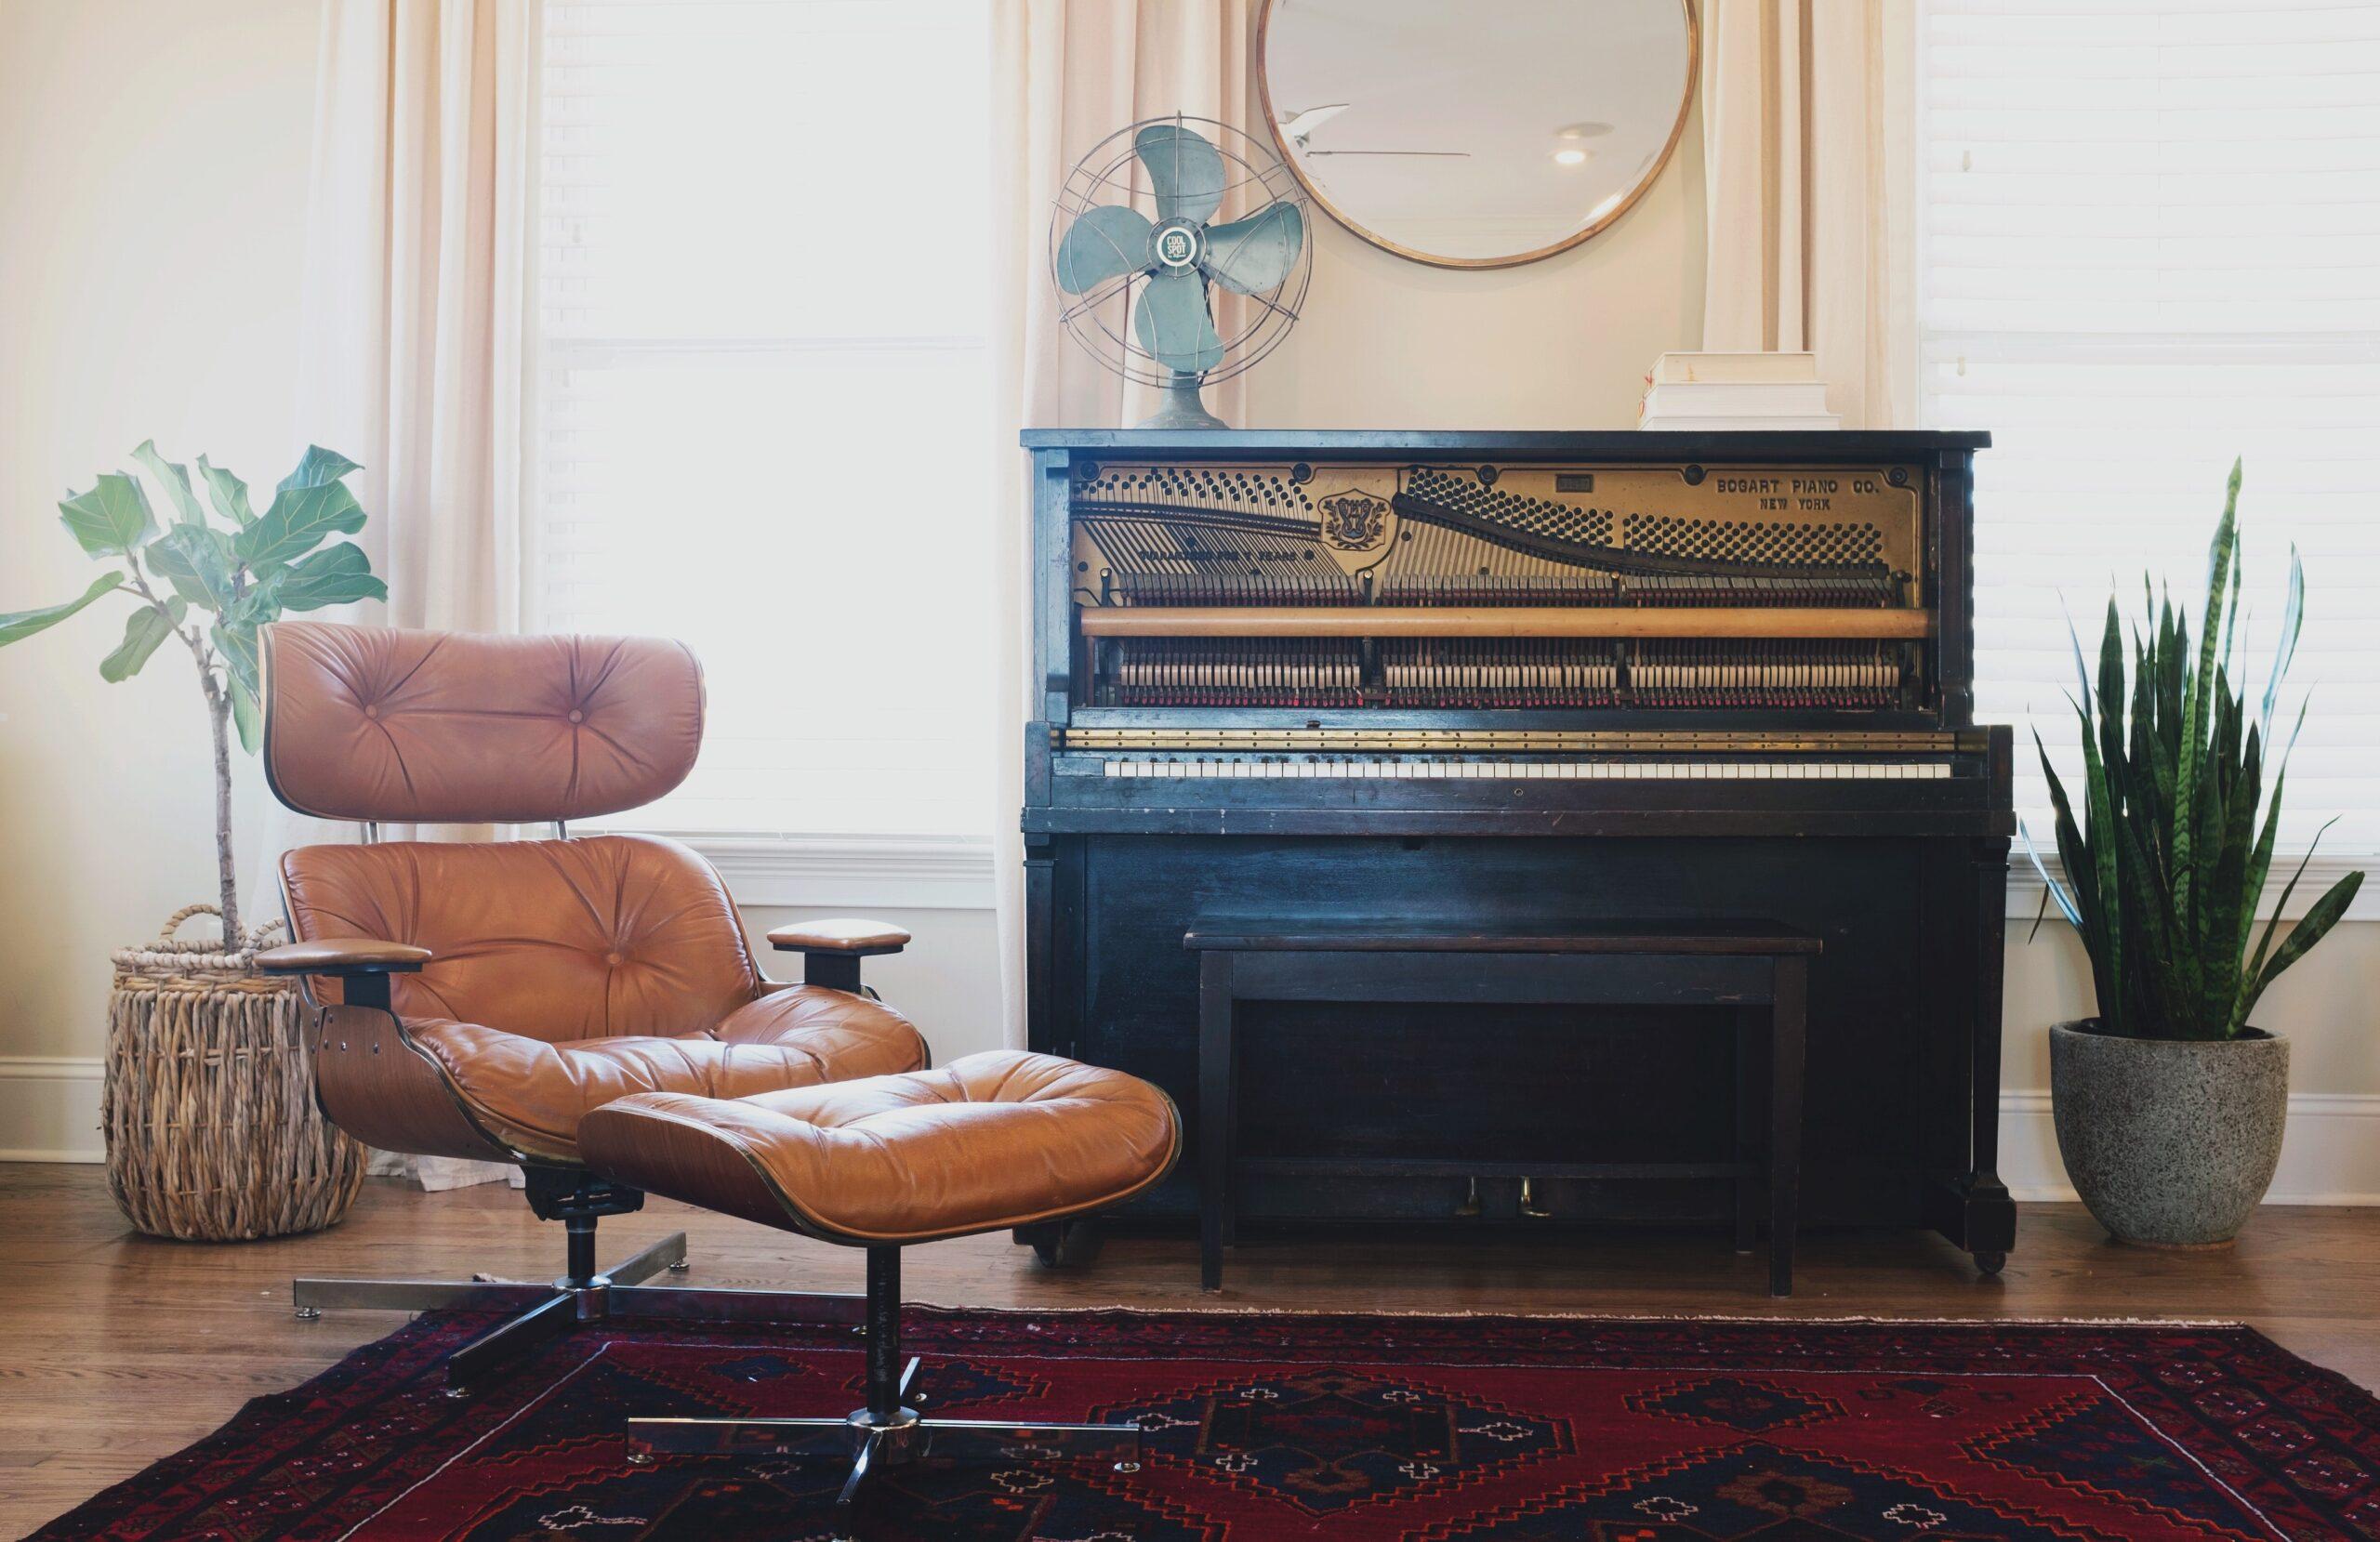 Vintage tv recliner